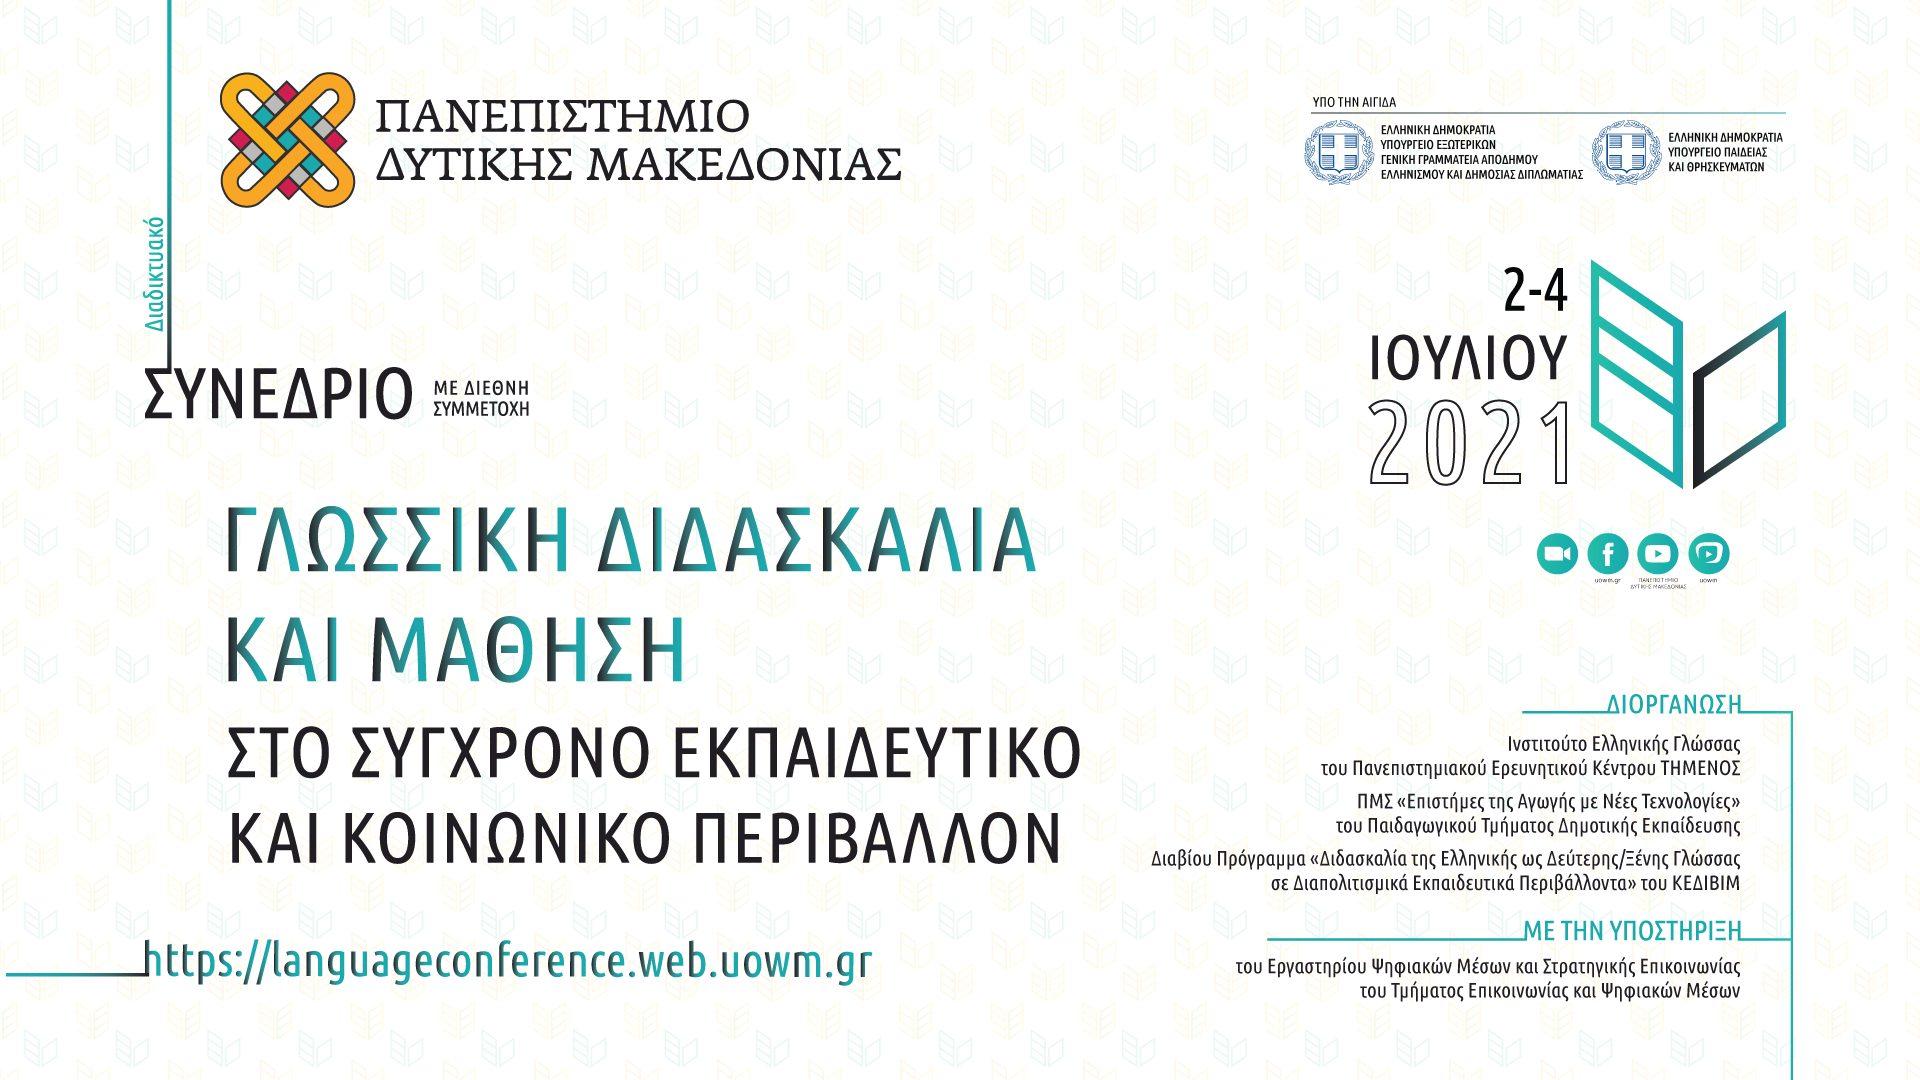 Ολοκληρώθηκαν οι εργασίες του Διαδικτυακού Συνεδρίου με διεθνή συμμετοχή που διοργάνωσε το Πανεπιστήμιο Δυτικής Μακεδονίας